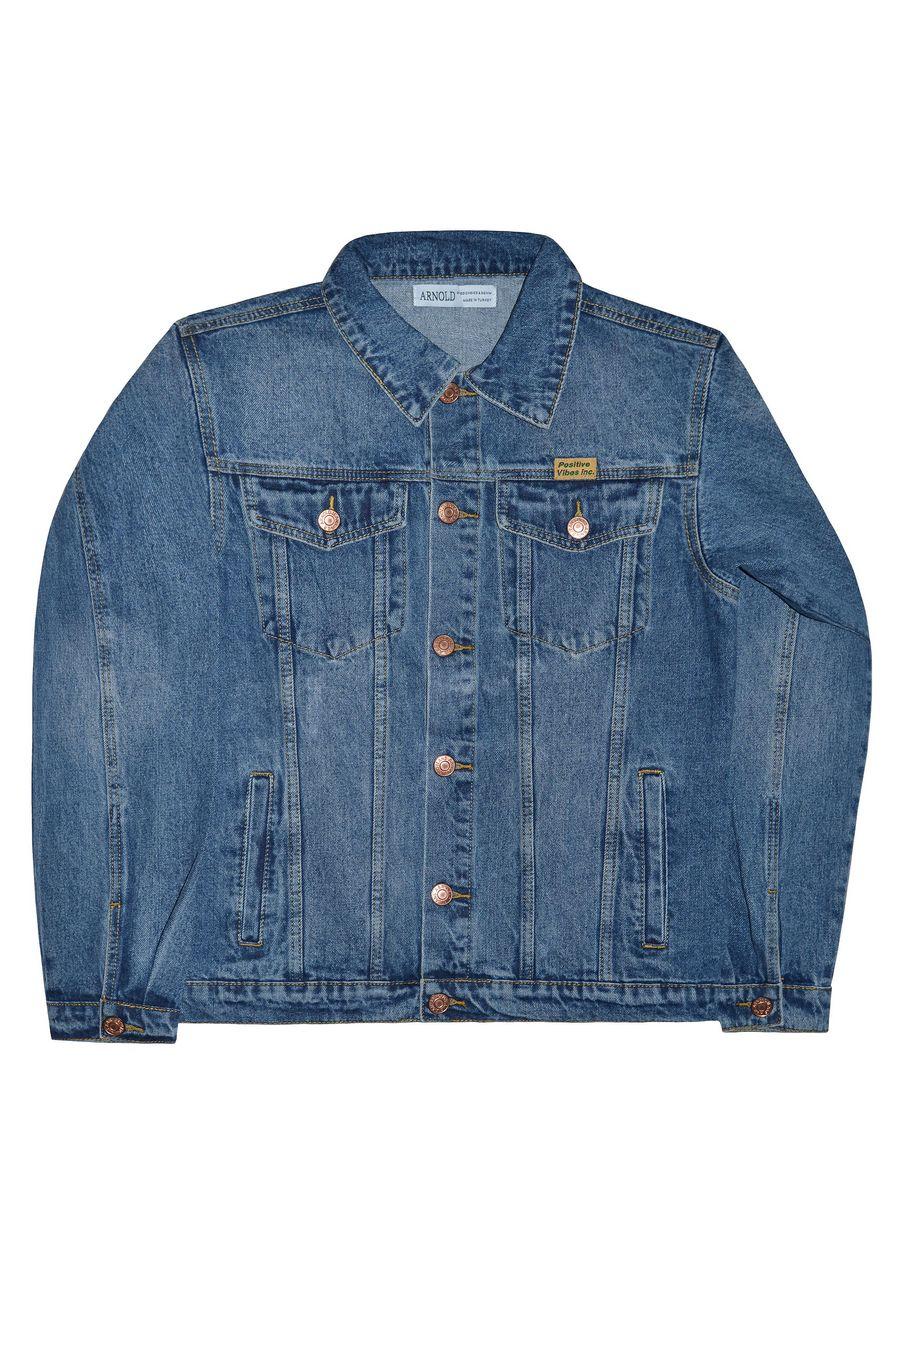 Пиджак мужской (джинсовка) Arnold 5702A - фото 4